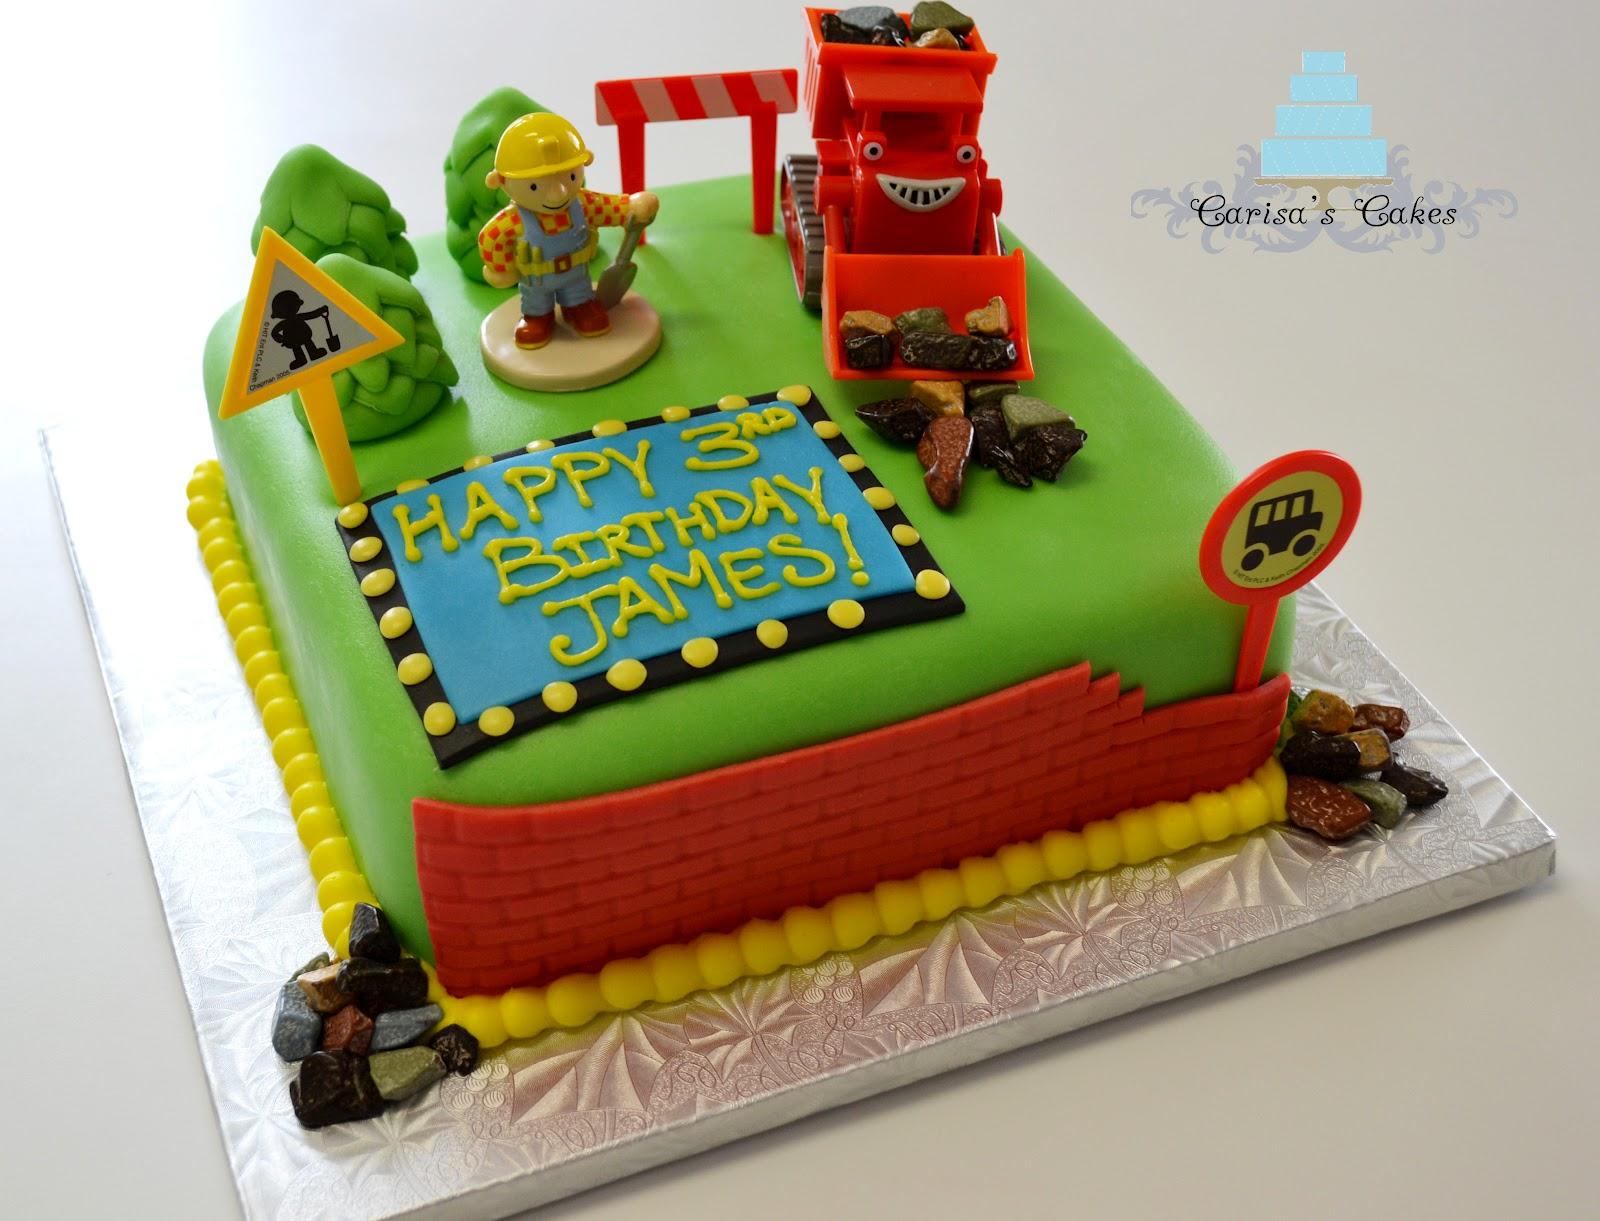 Carisas Cakes Bob the Builder Birthday Cake